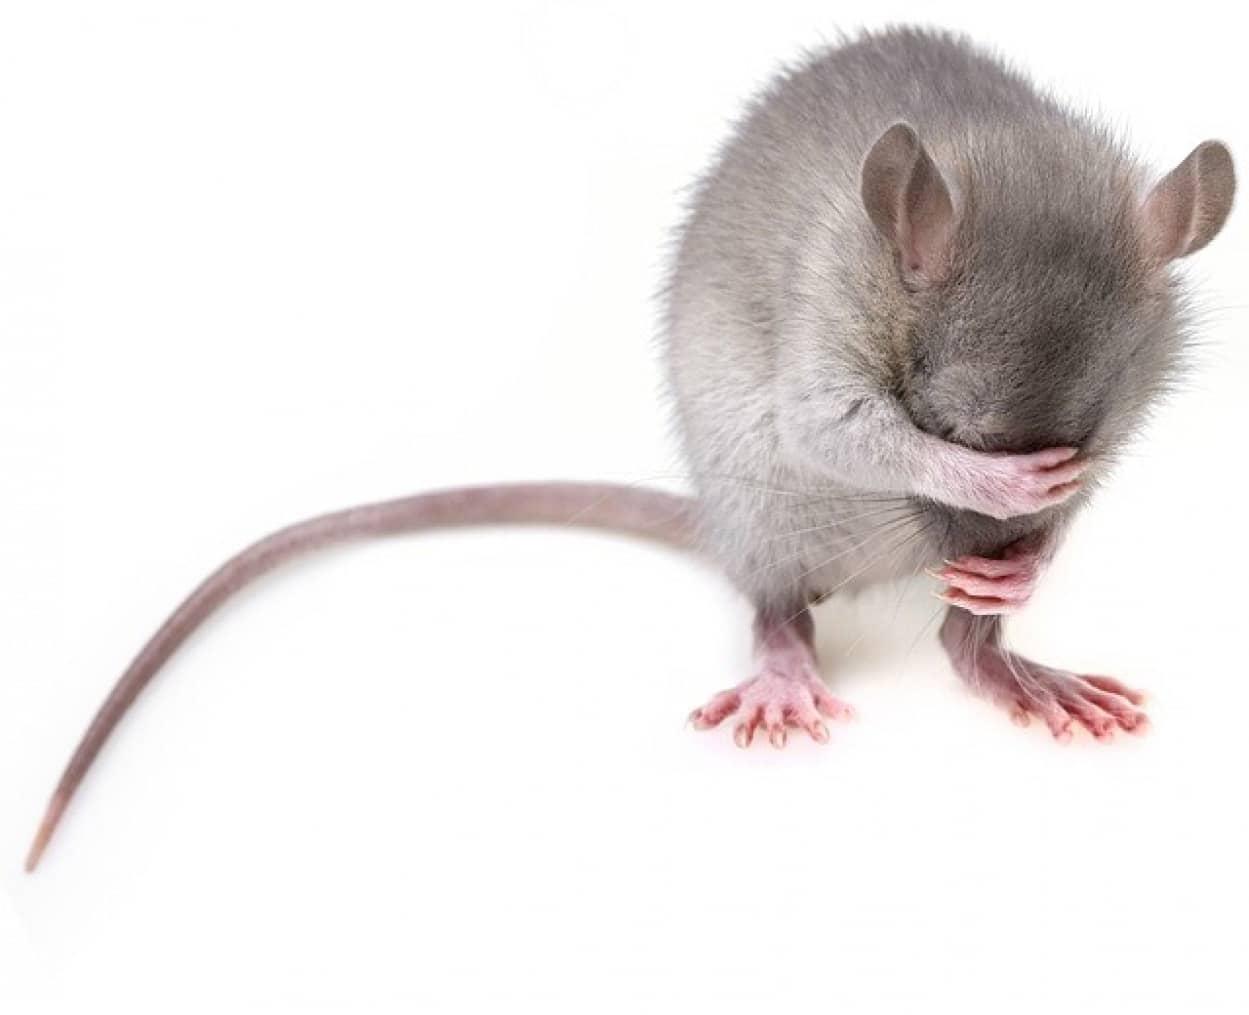 マウスは父親の精子を介してストレスを子孫に遺伝させていることが判明